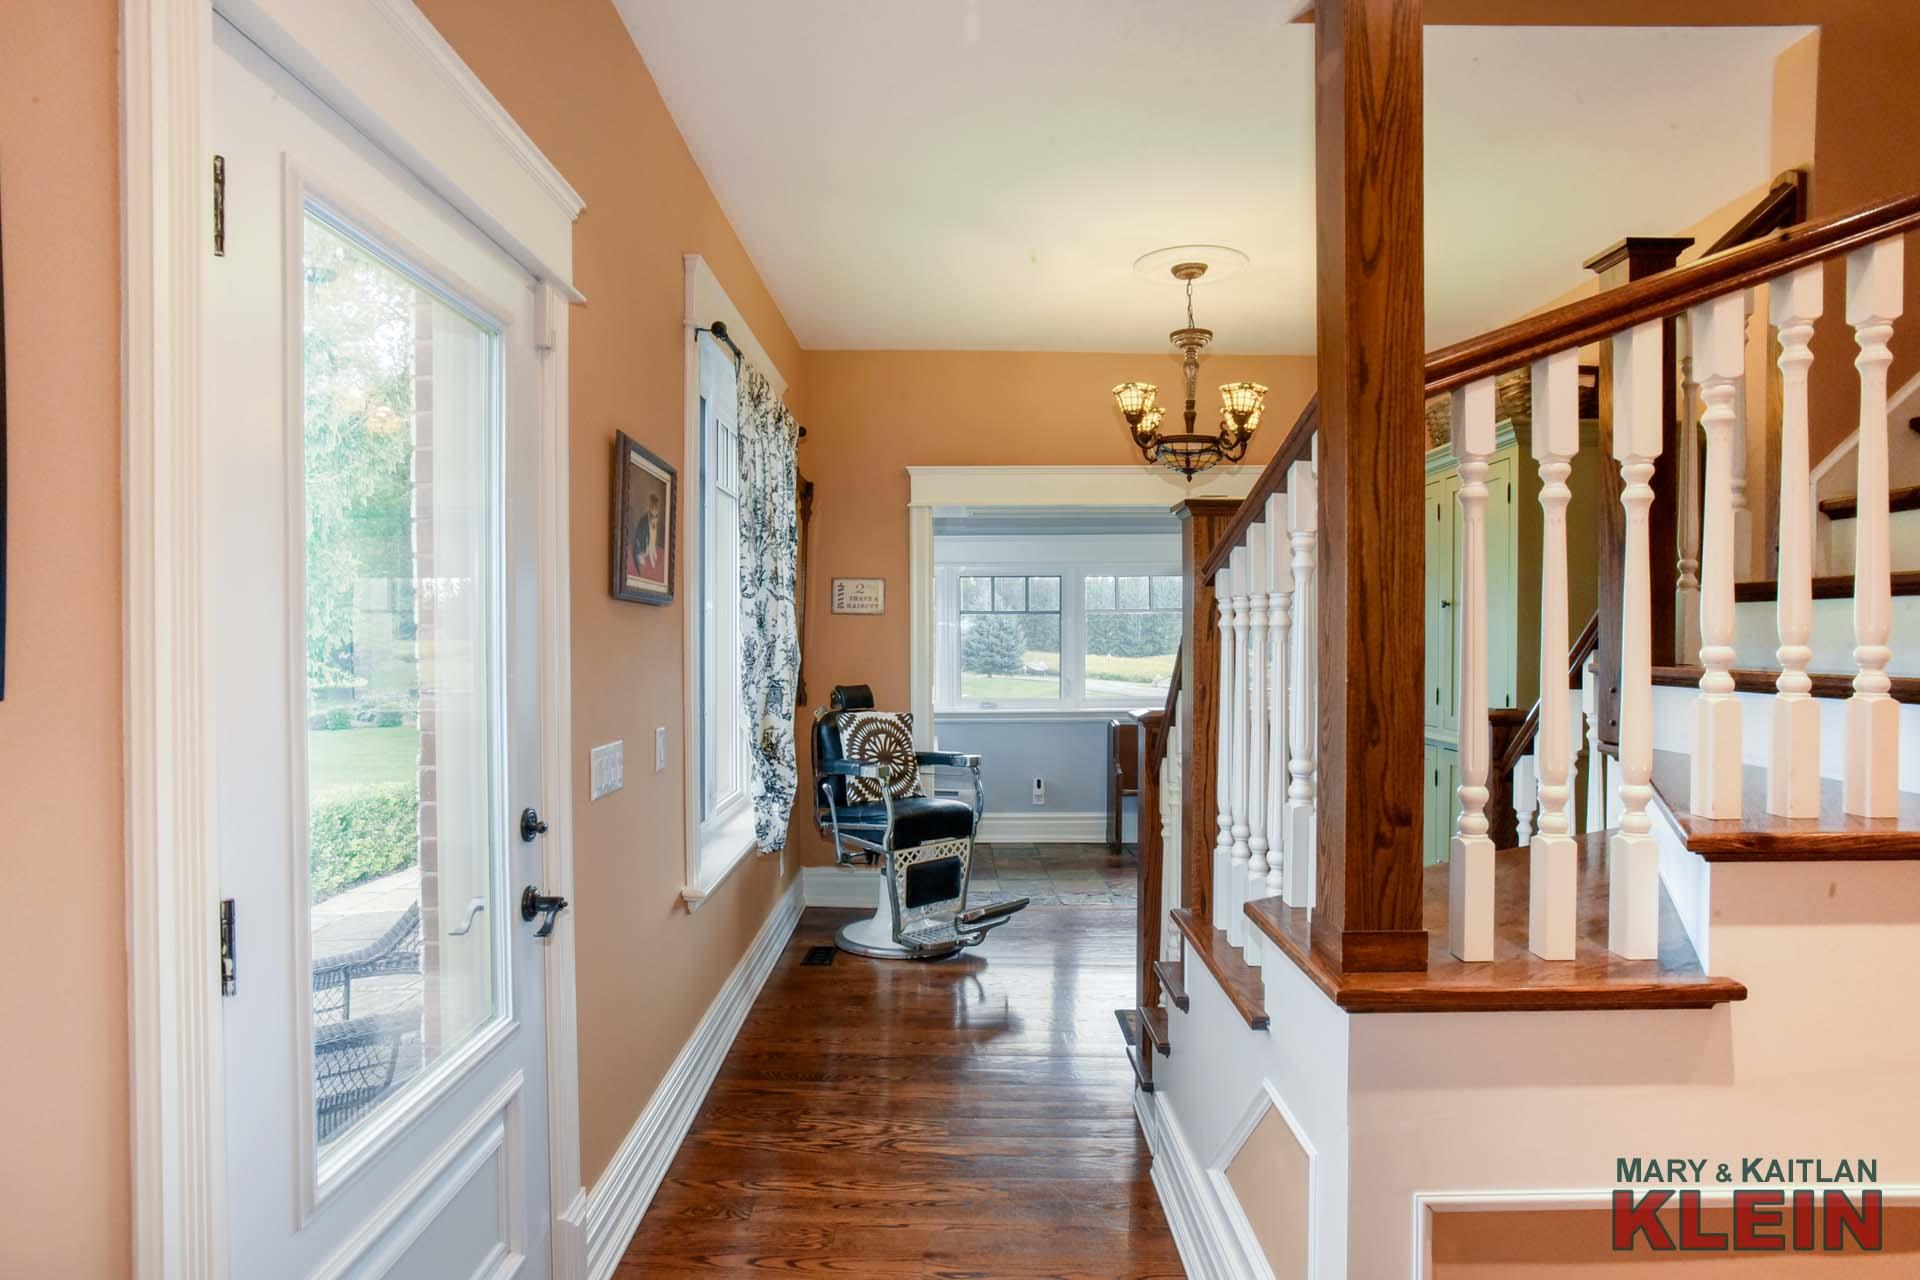 Original Front Door to the Home